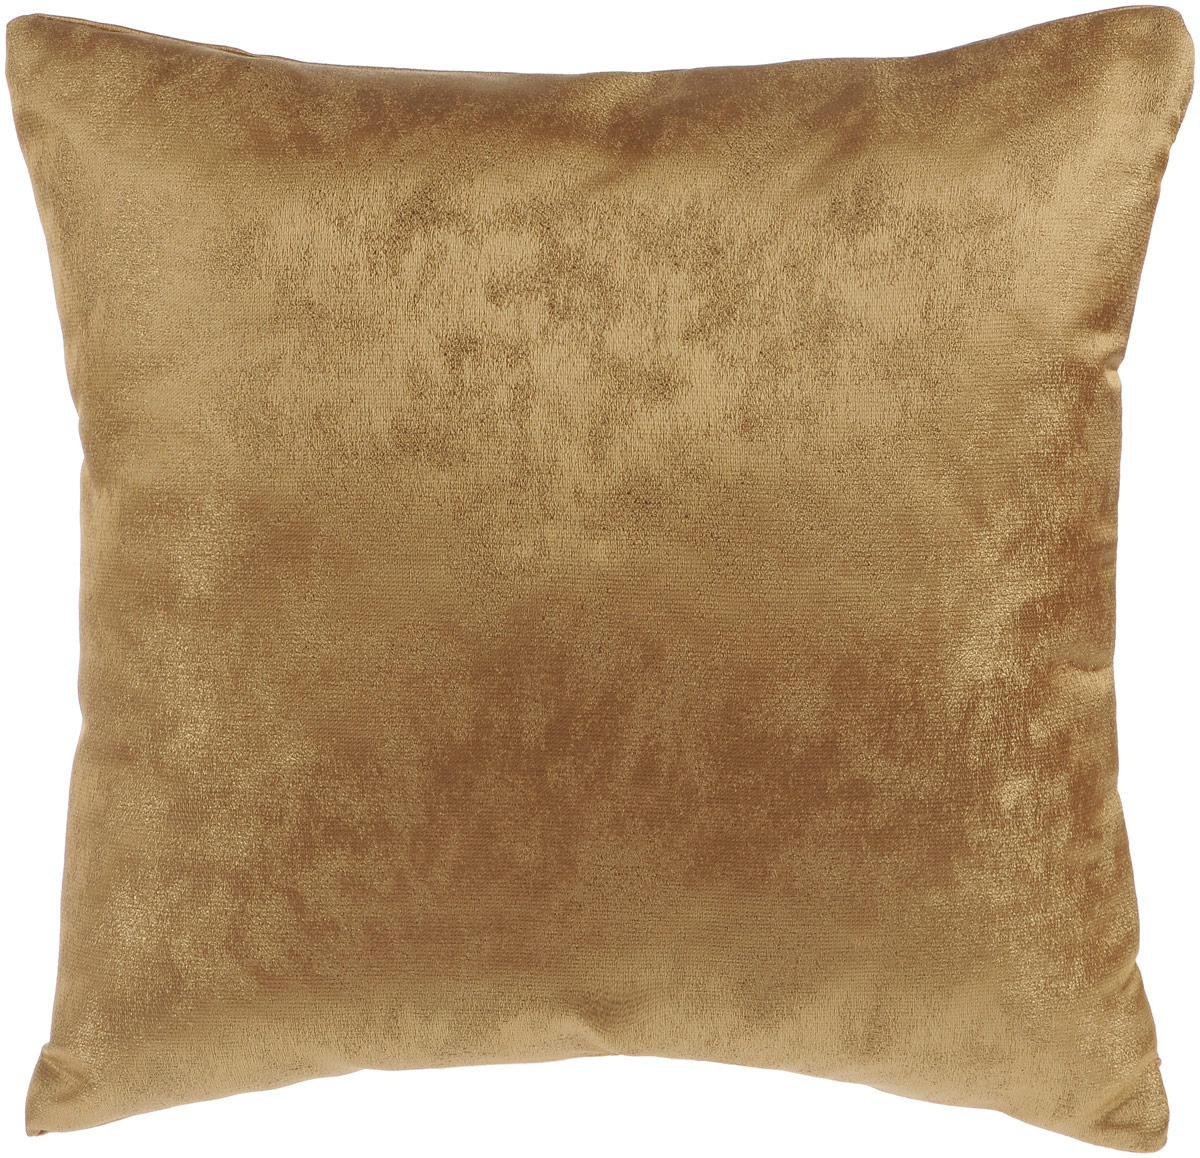 Подушка декоративная KauffOrt Магия, цвет: коричневый, 40 x 40 см6113MДекоративная подушка Магия прекрасно дополнит интерьер спальни или гостиной. Приятный на ощупь чехол подушки выполнен из полиэстера. Внутри находится мягкий наполнитель. Чехол легко снимается благодаря потайной молнии в тон ткани.Красивая подушка создаст атмосферу уюта и комфорта в спальне и станет прекрасным элементом декора.